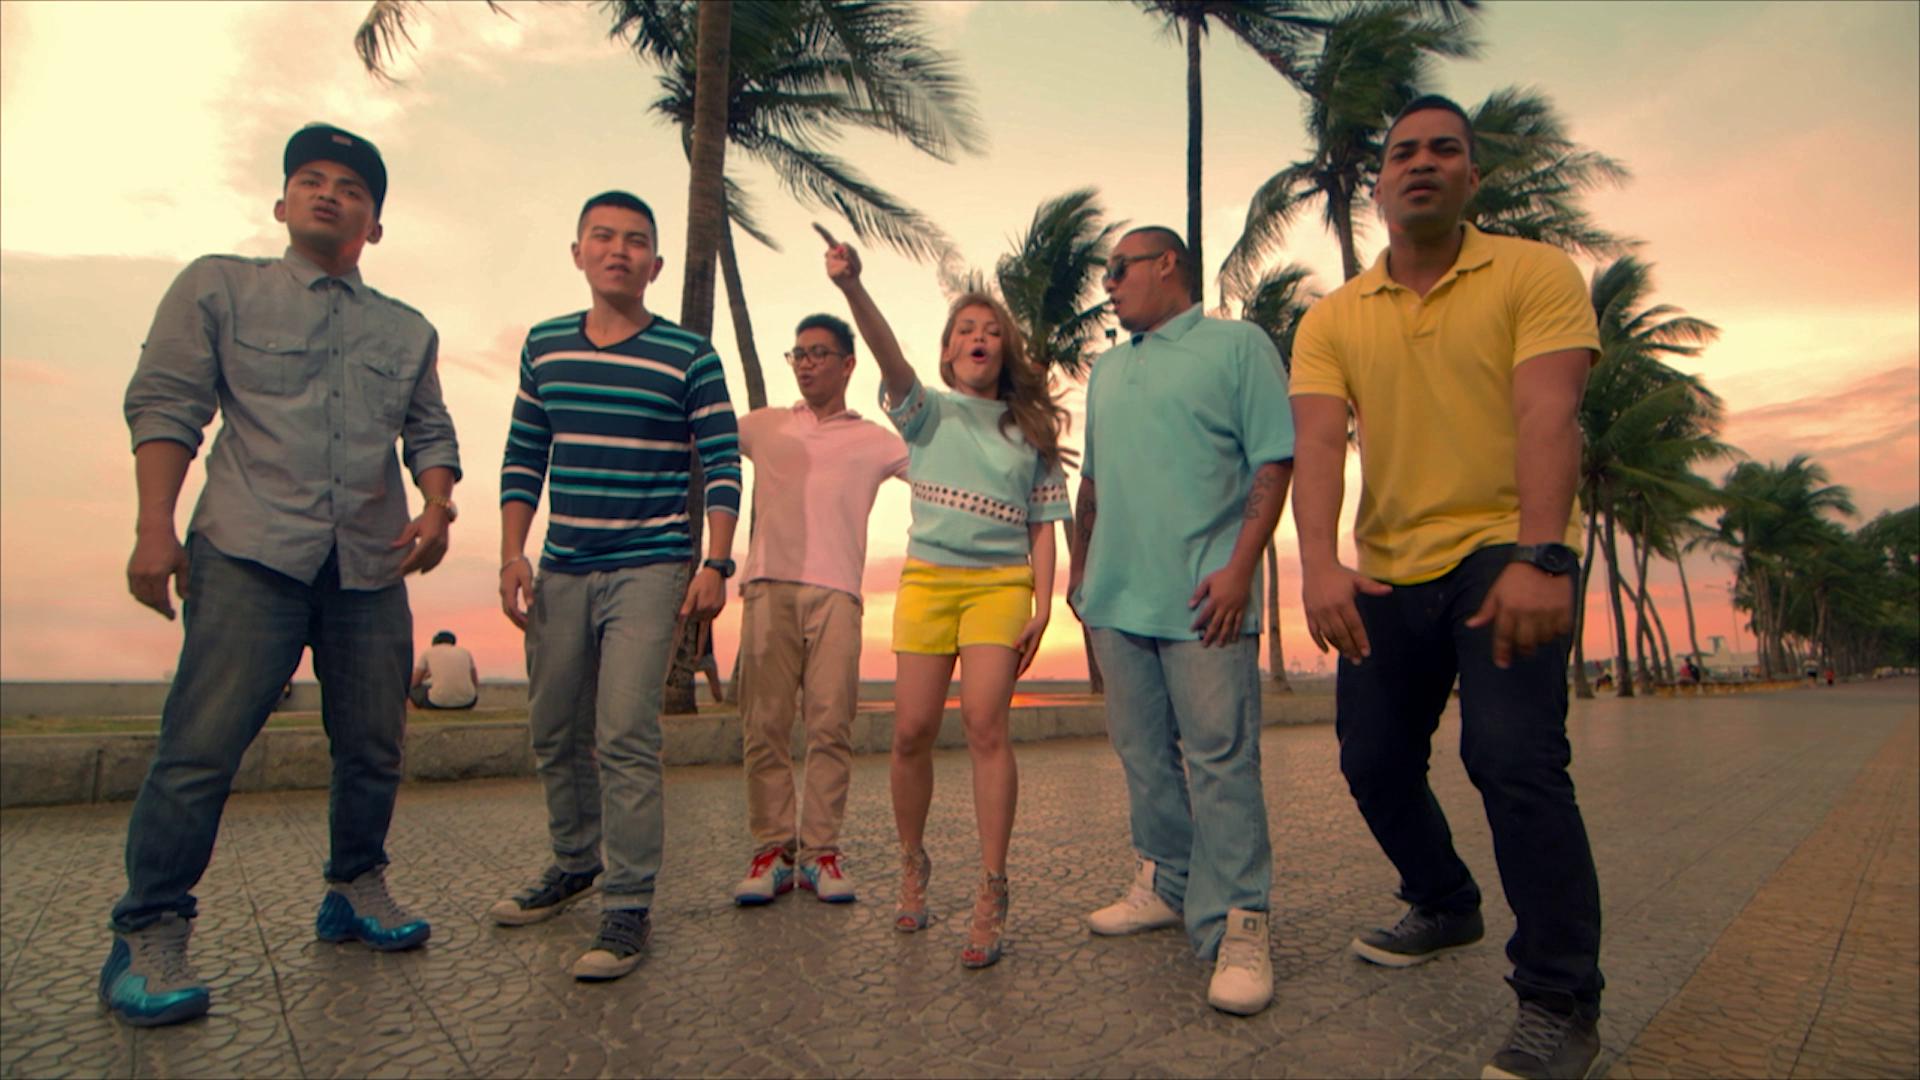 KZ Tandingan with Twenty Manila